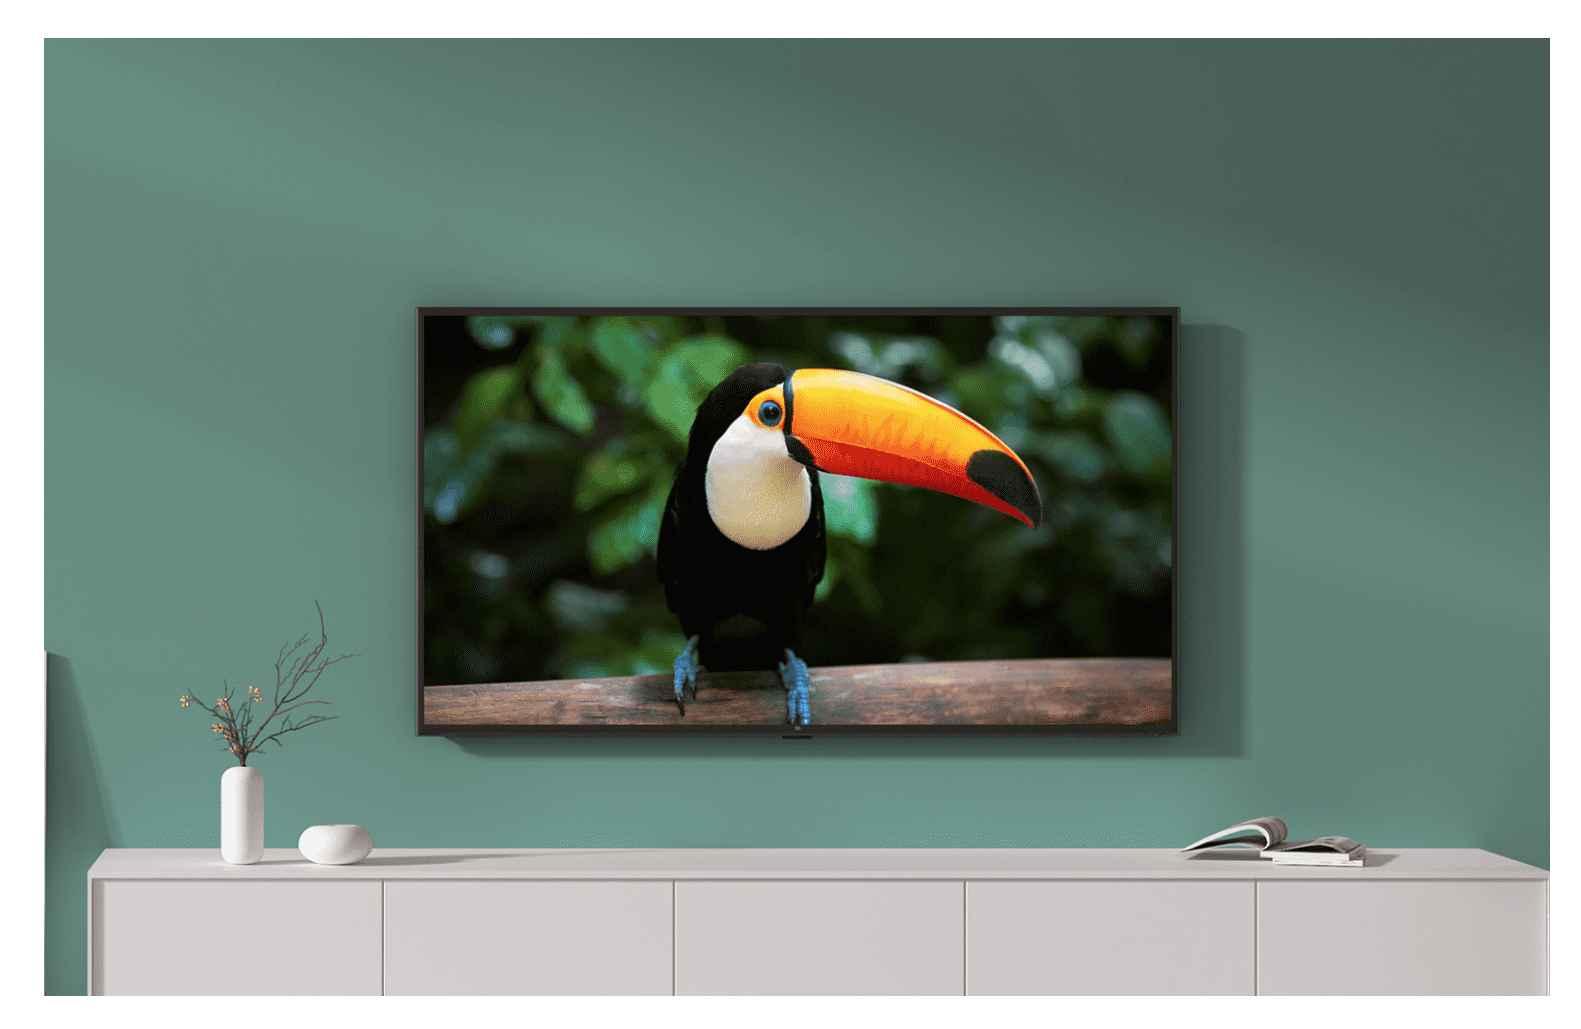 MI TV Wall Mounting